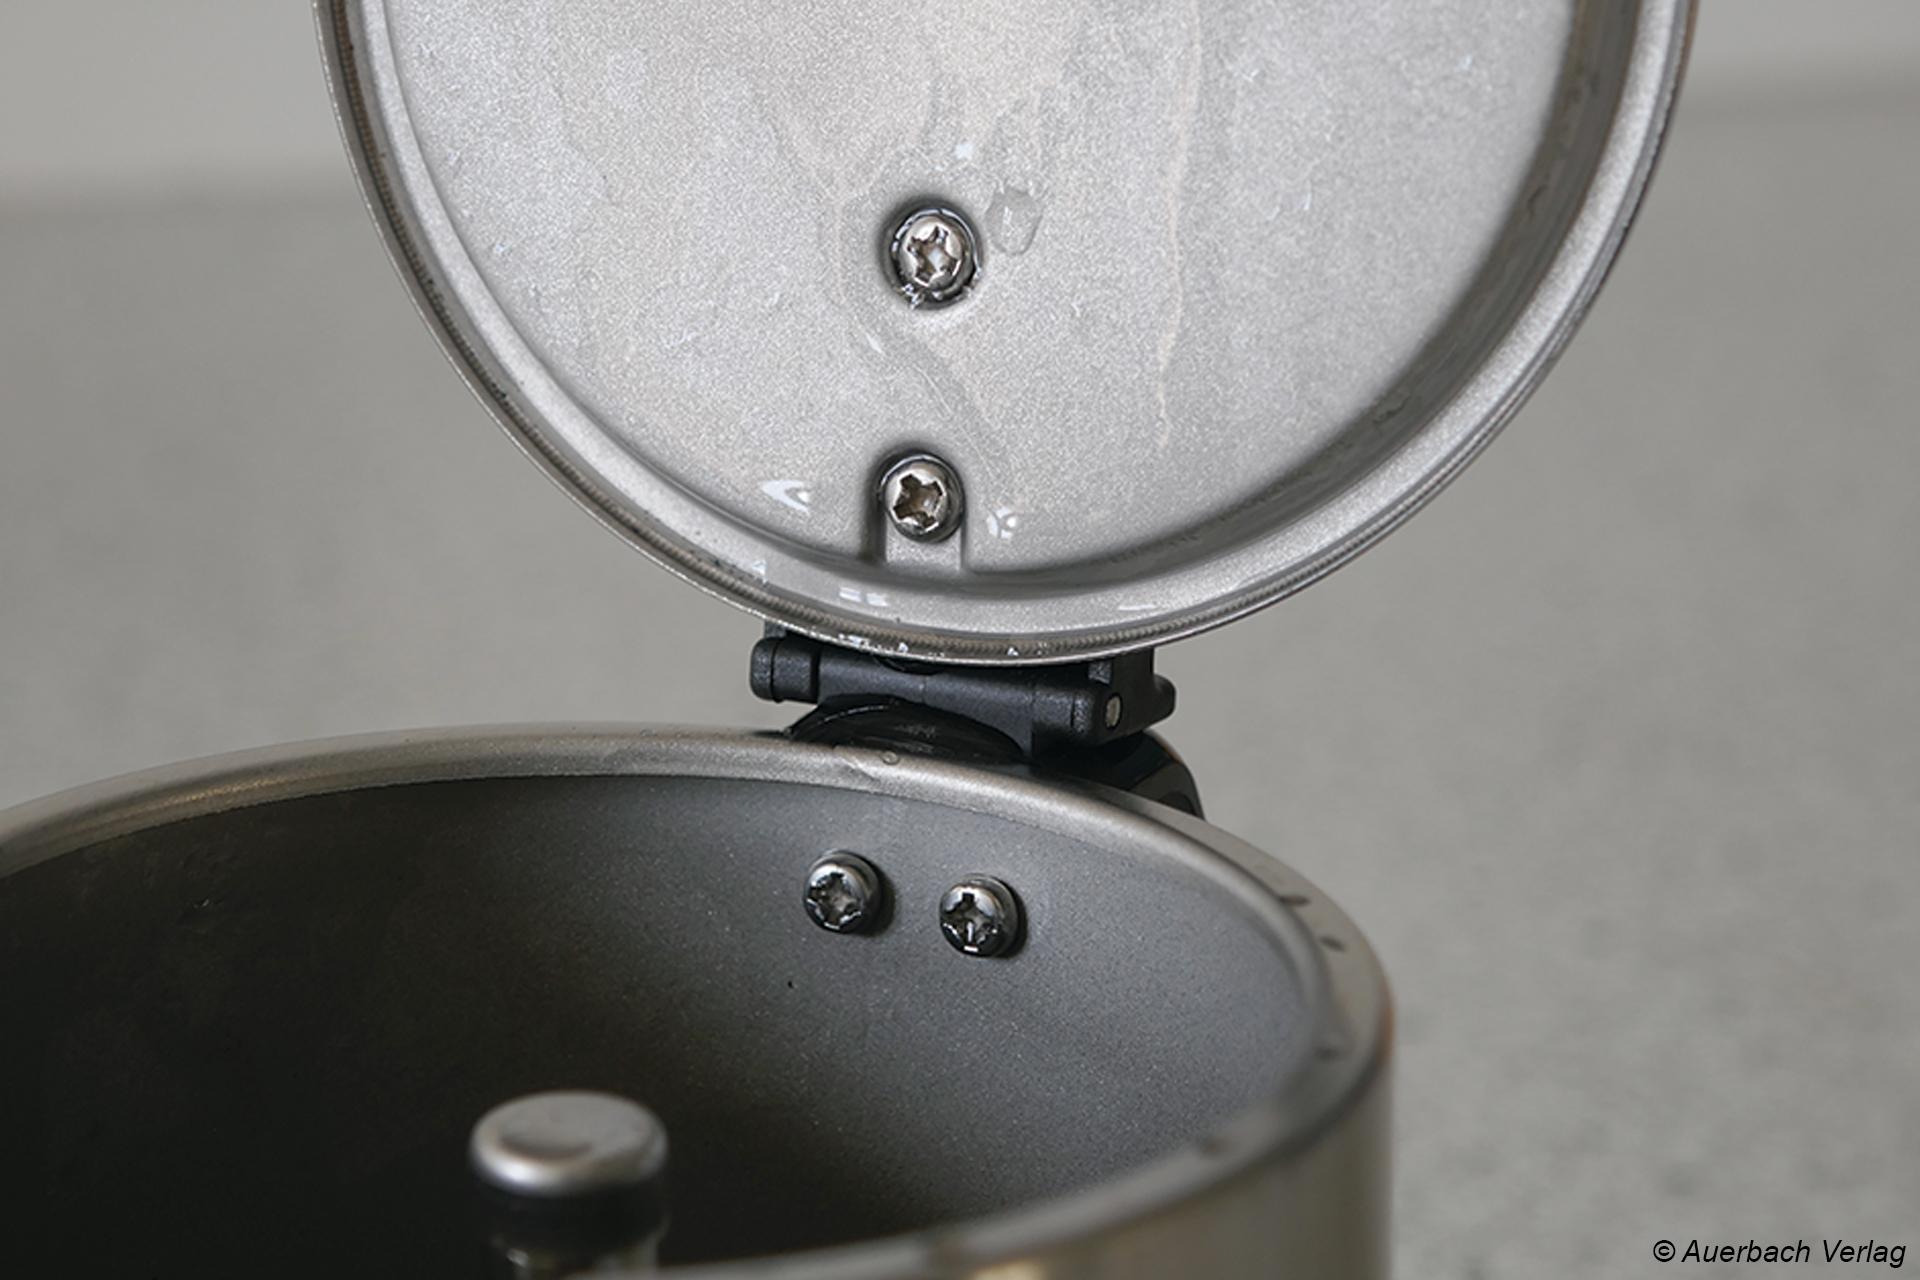 7 elektrische espressokocher im test haus garten test. Black Bedroom Furniture Sets. Home Design Ideas